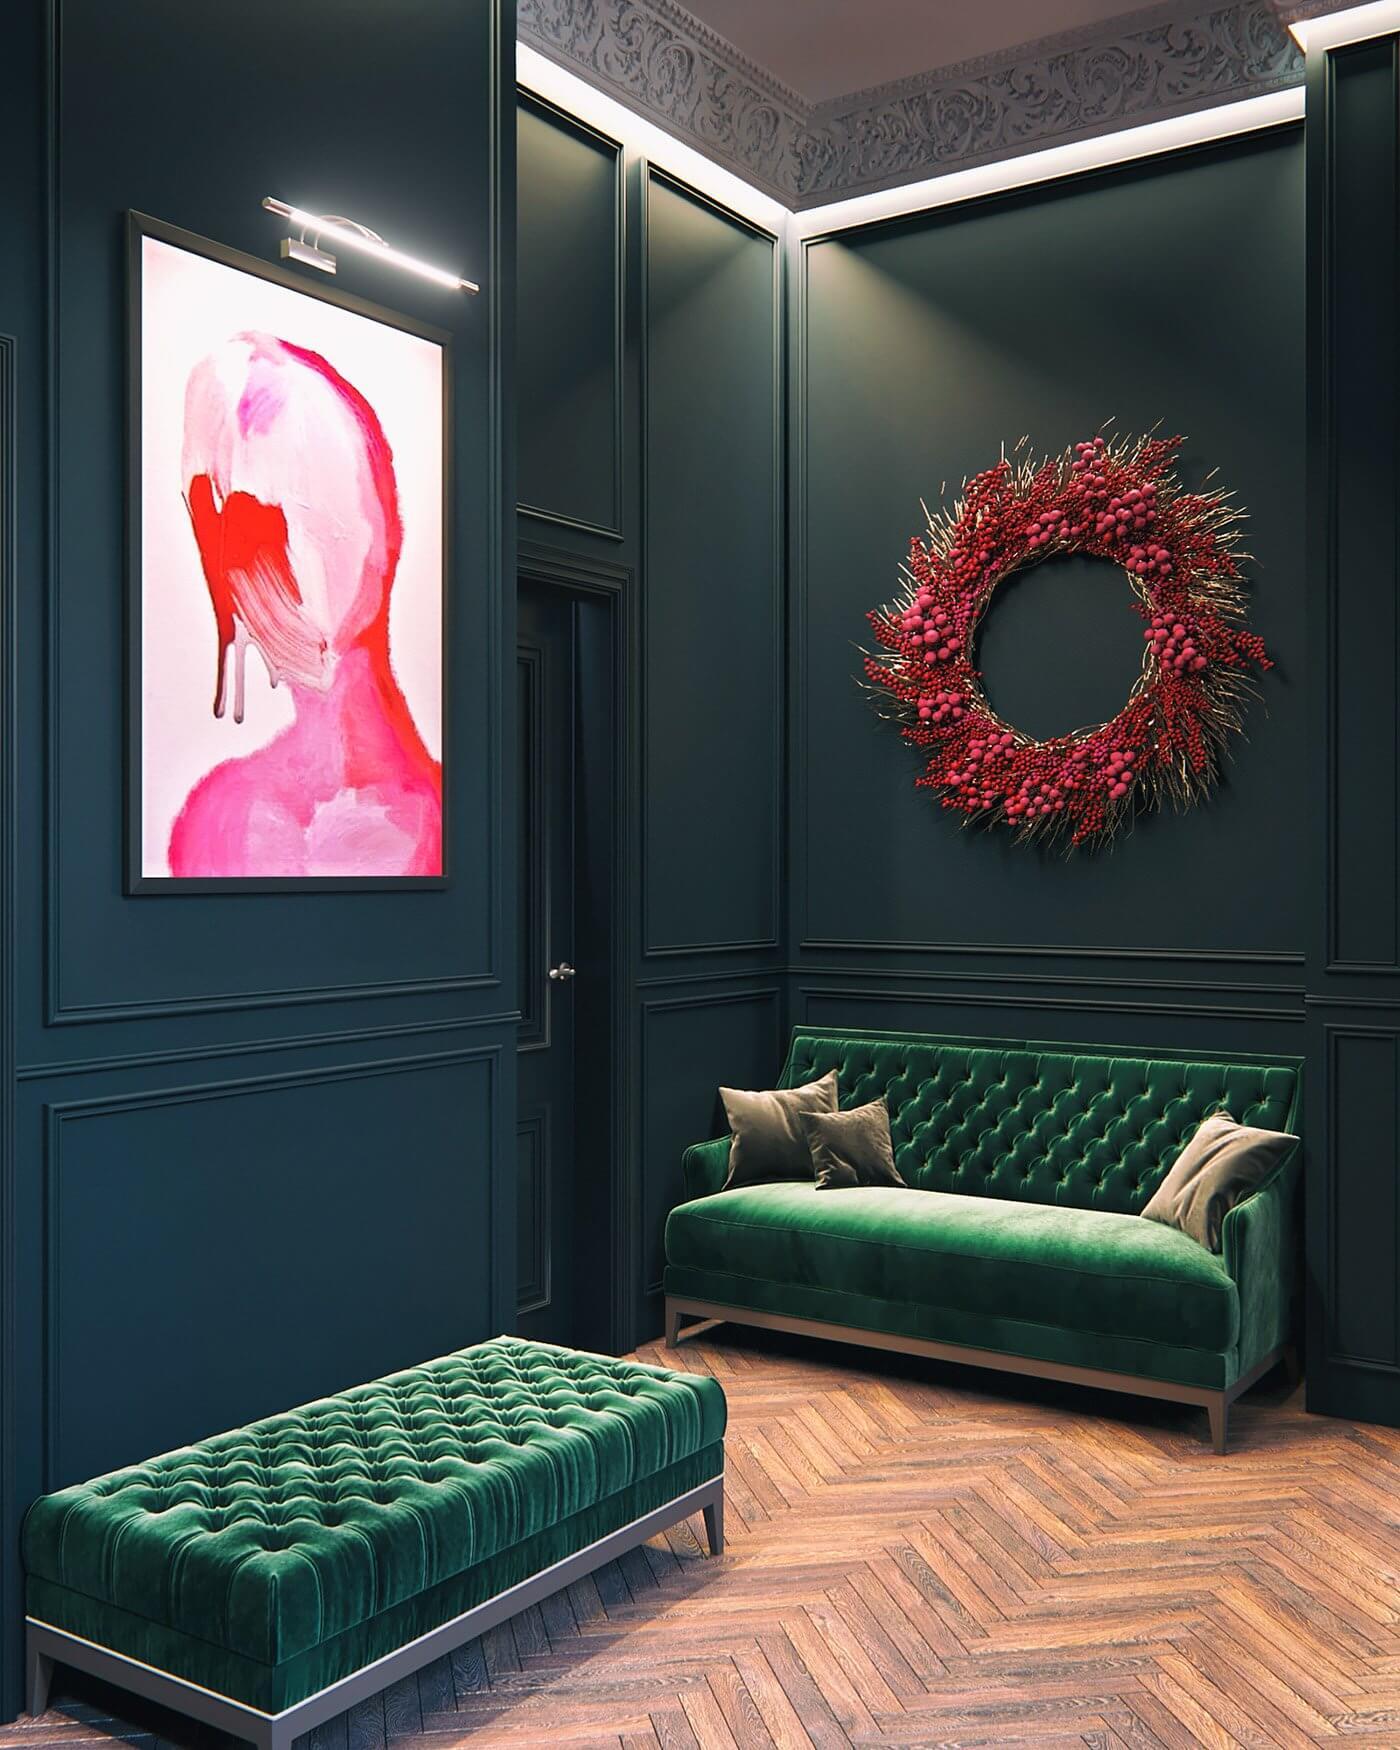 Maison Noire Apartment Paris entrance area - cgi visualization